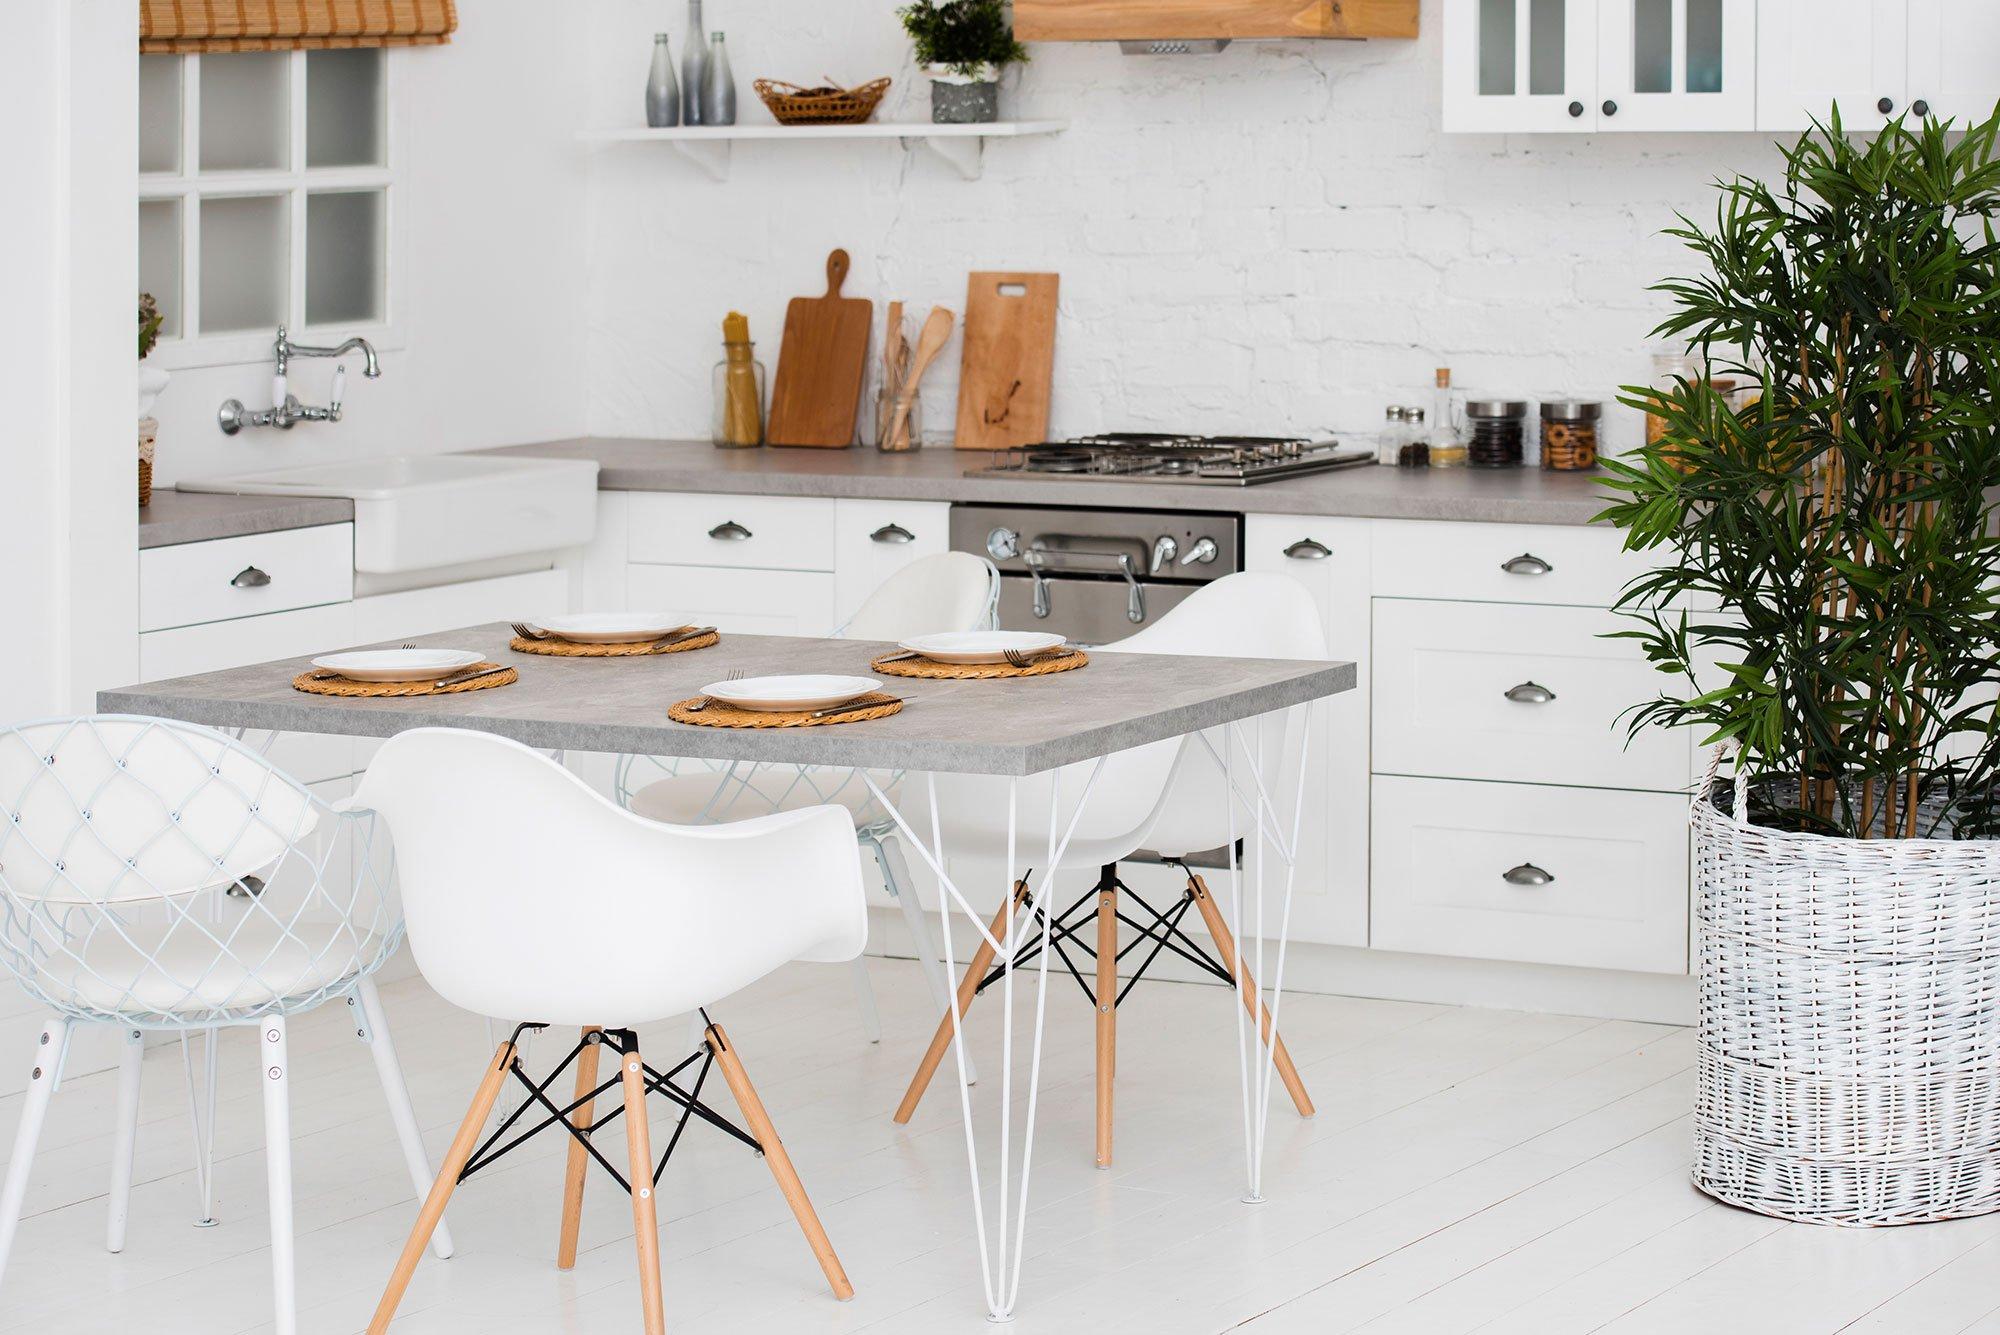 Diseño y organización de la cocina